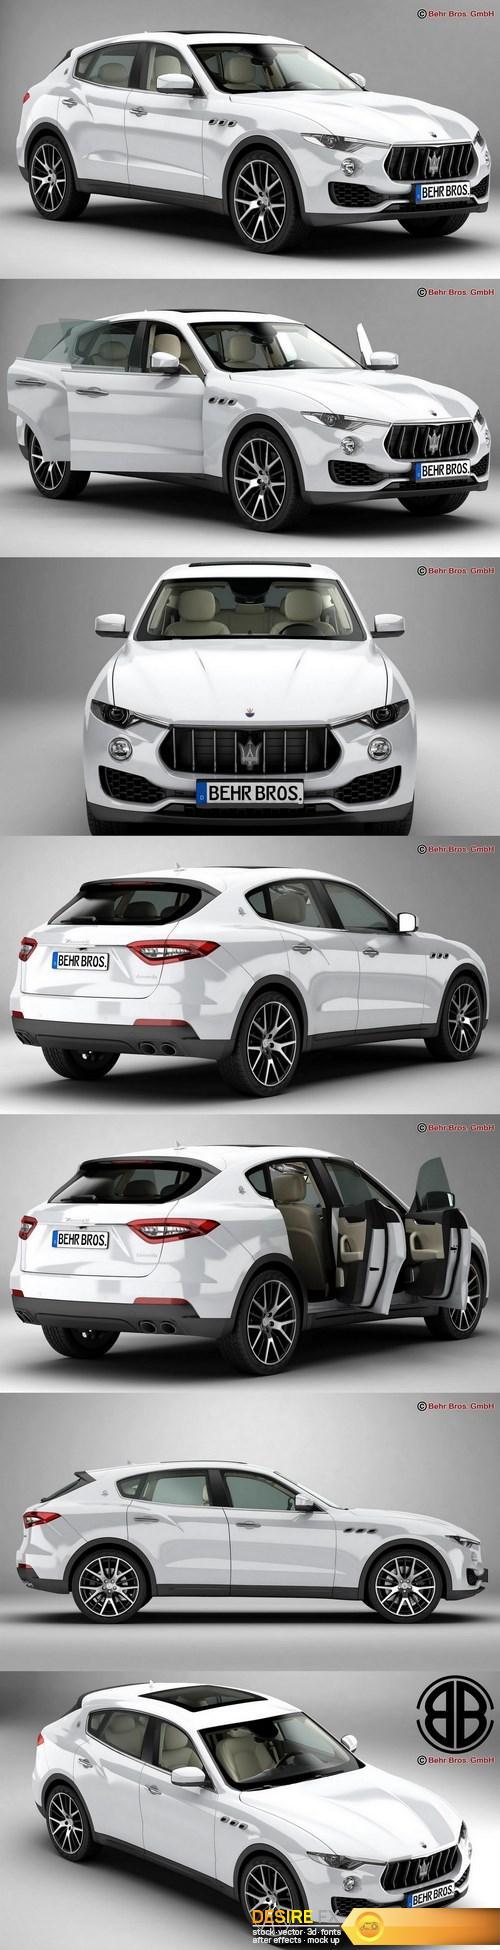 3d-models - Maserati Levante 2017 3D Model